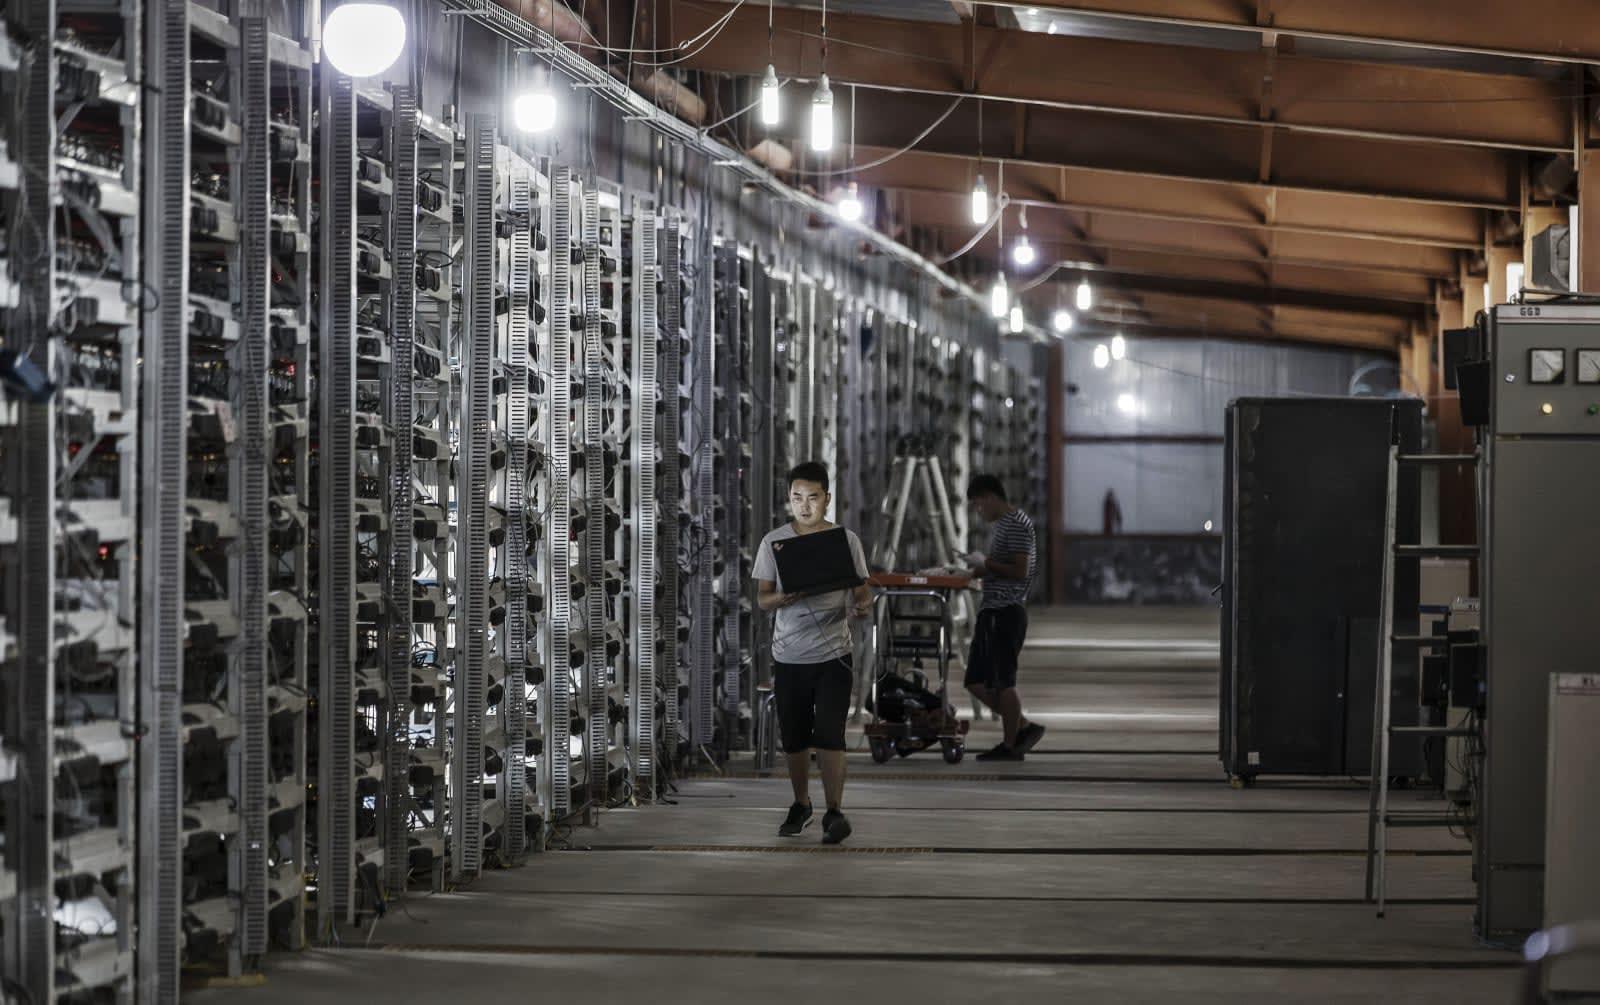 China wants to ban Bitcoin mining because it 'seriously